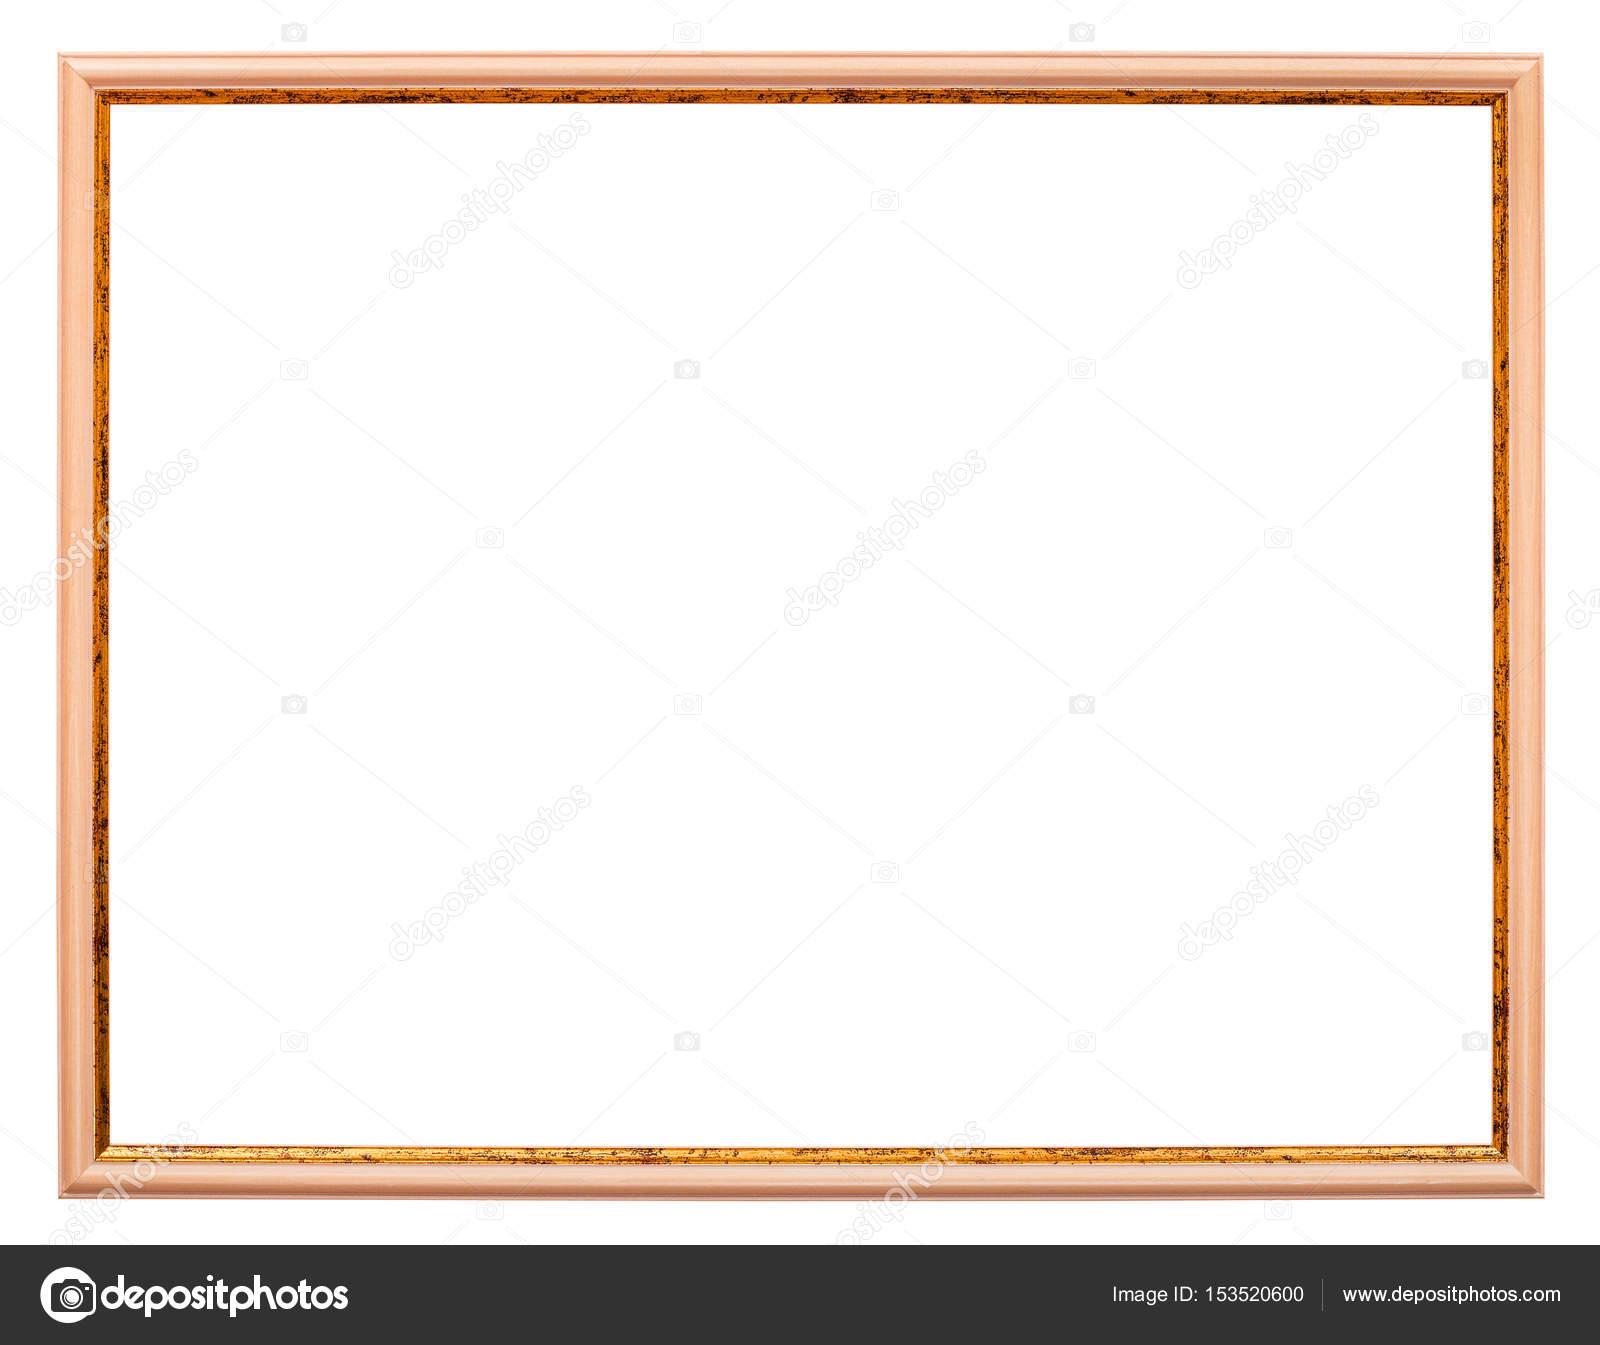 horizontale schmale leichte braune Holz Bilderrahmen — Stockfoto ...